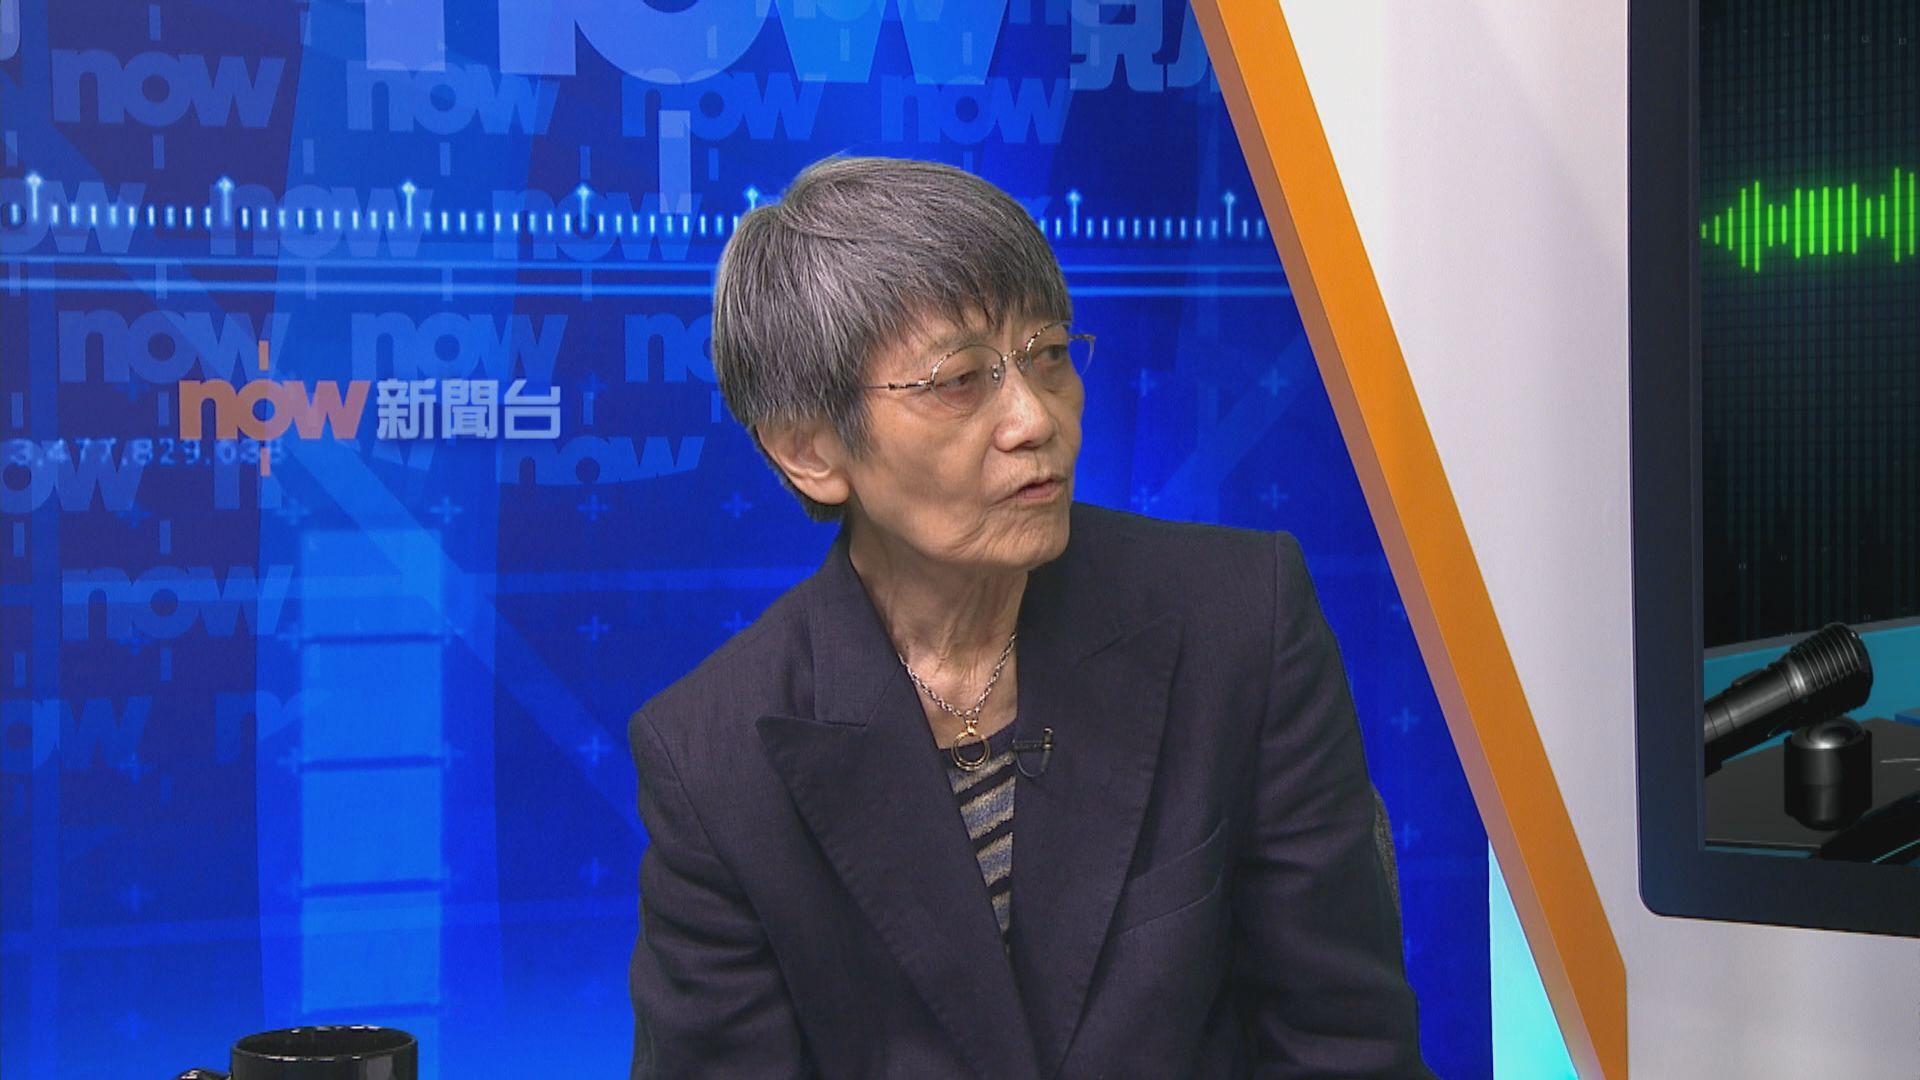 余黎青萍:警方行使武力要適時適量 不能沒理性